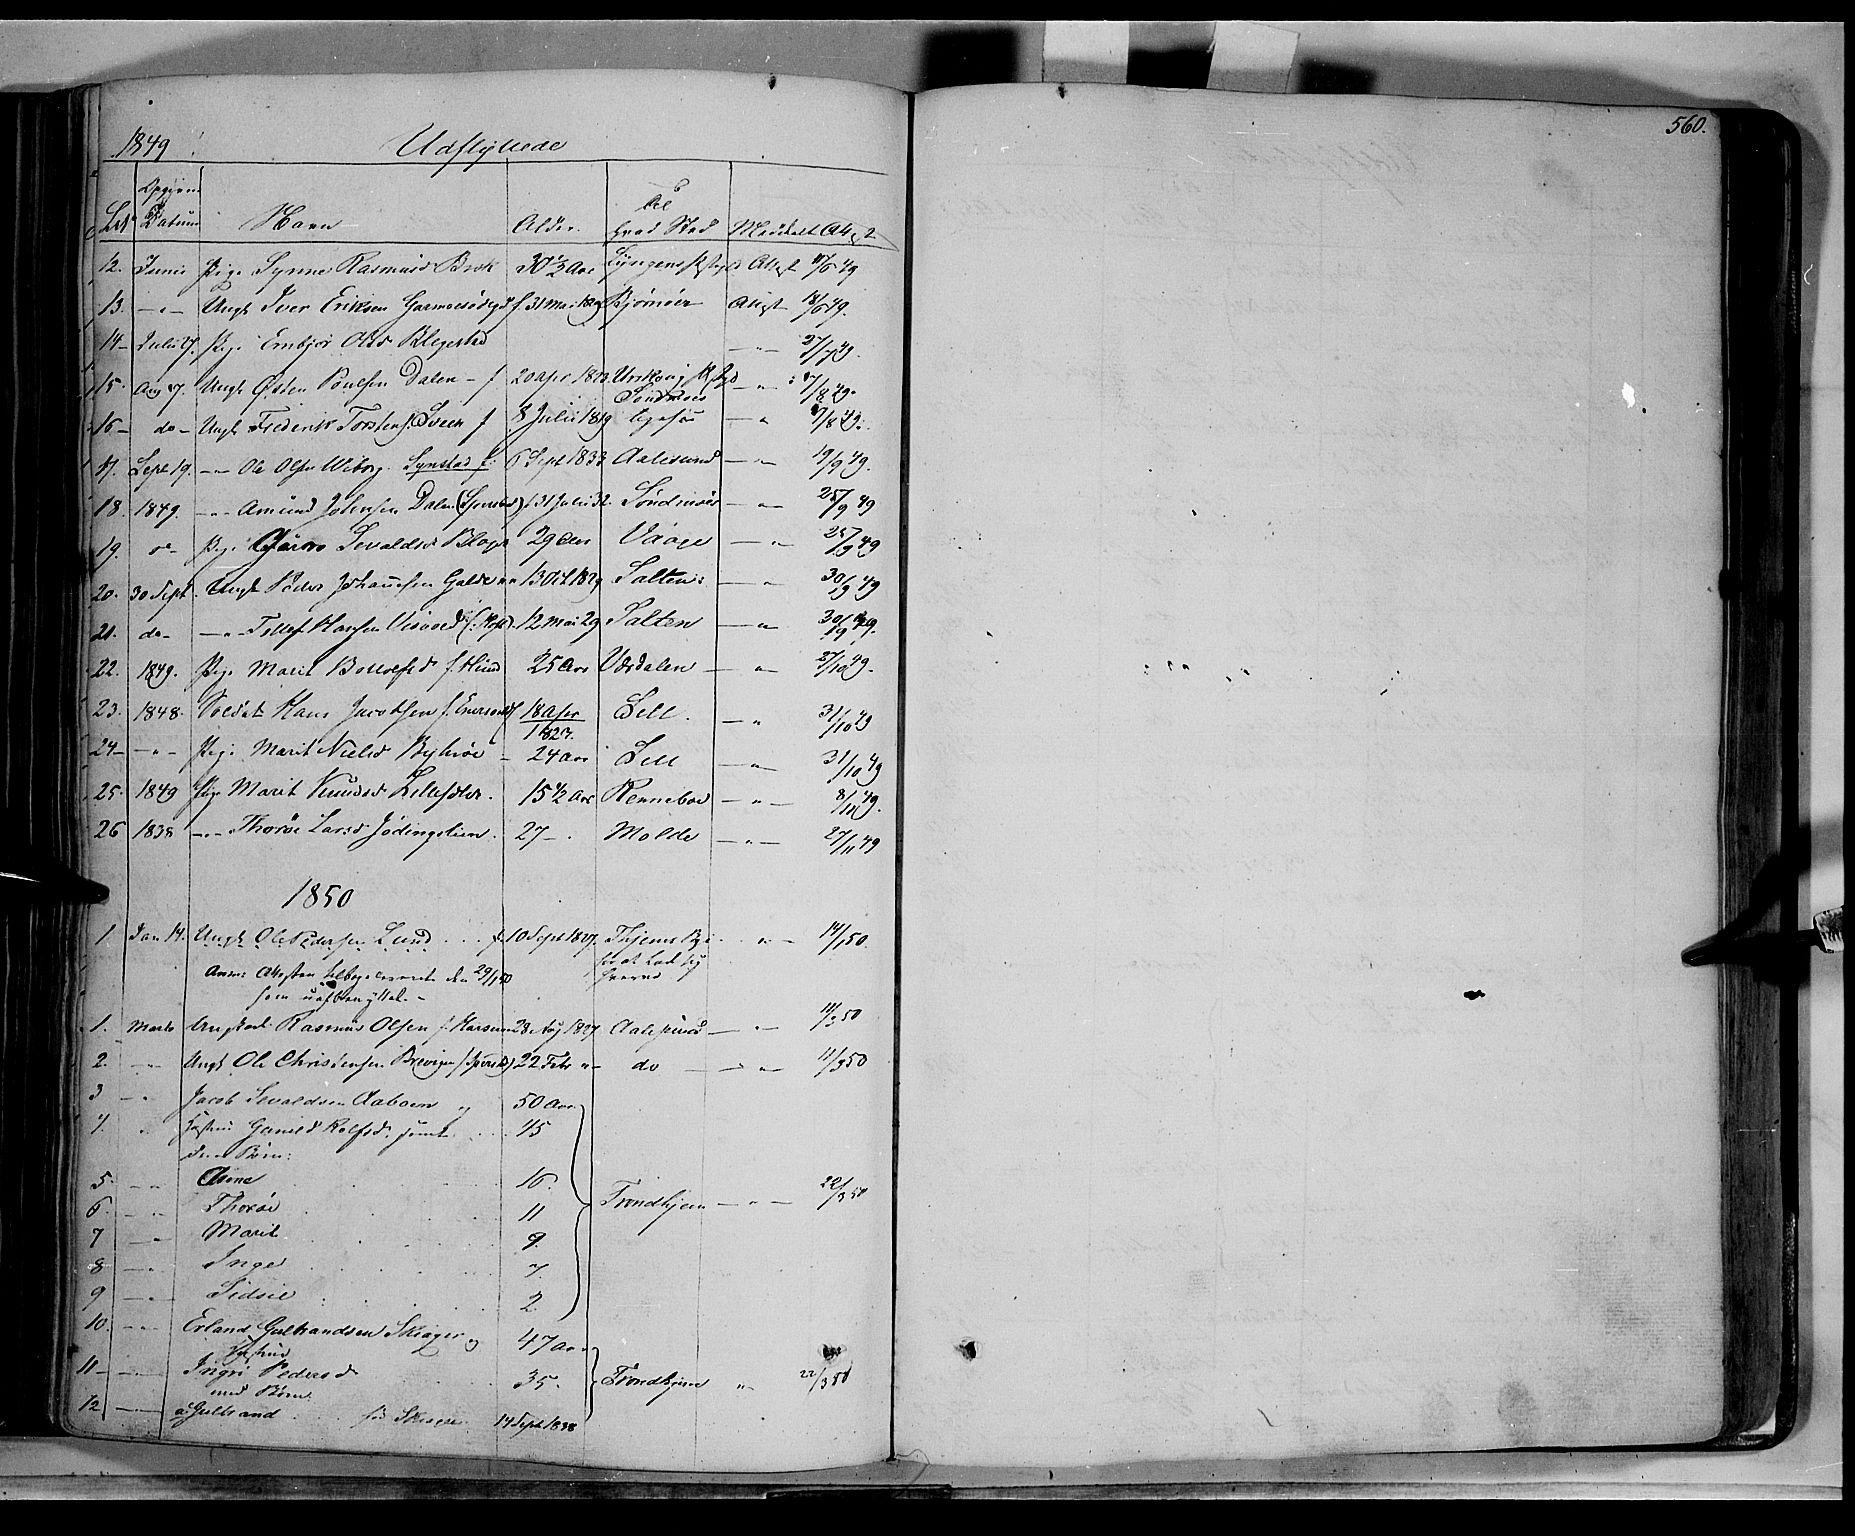 SAH, Lom prestekontor, K/L0006: Ministerialbok nr. 6B, 1837-1863, s. 560